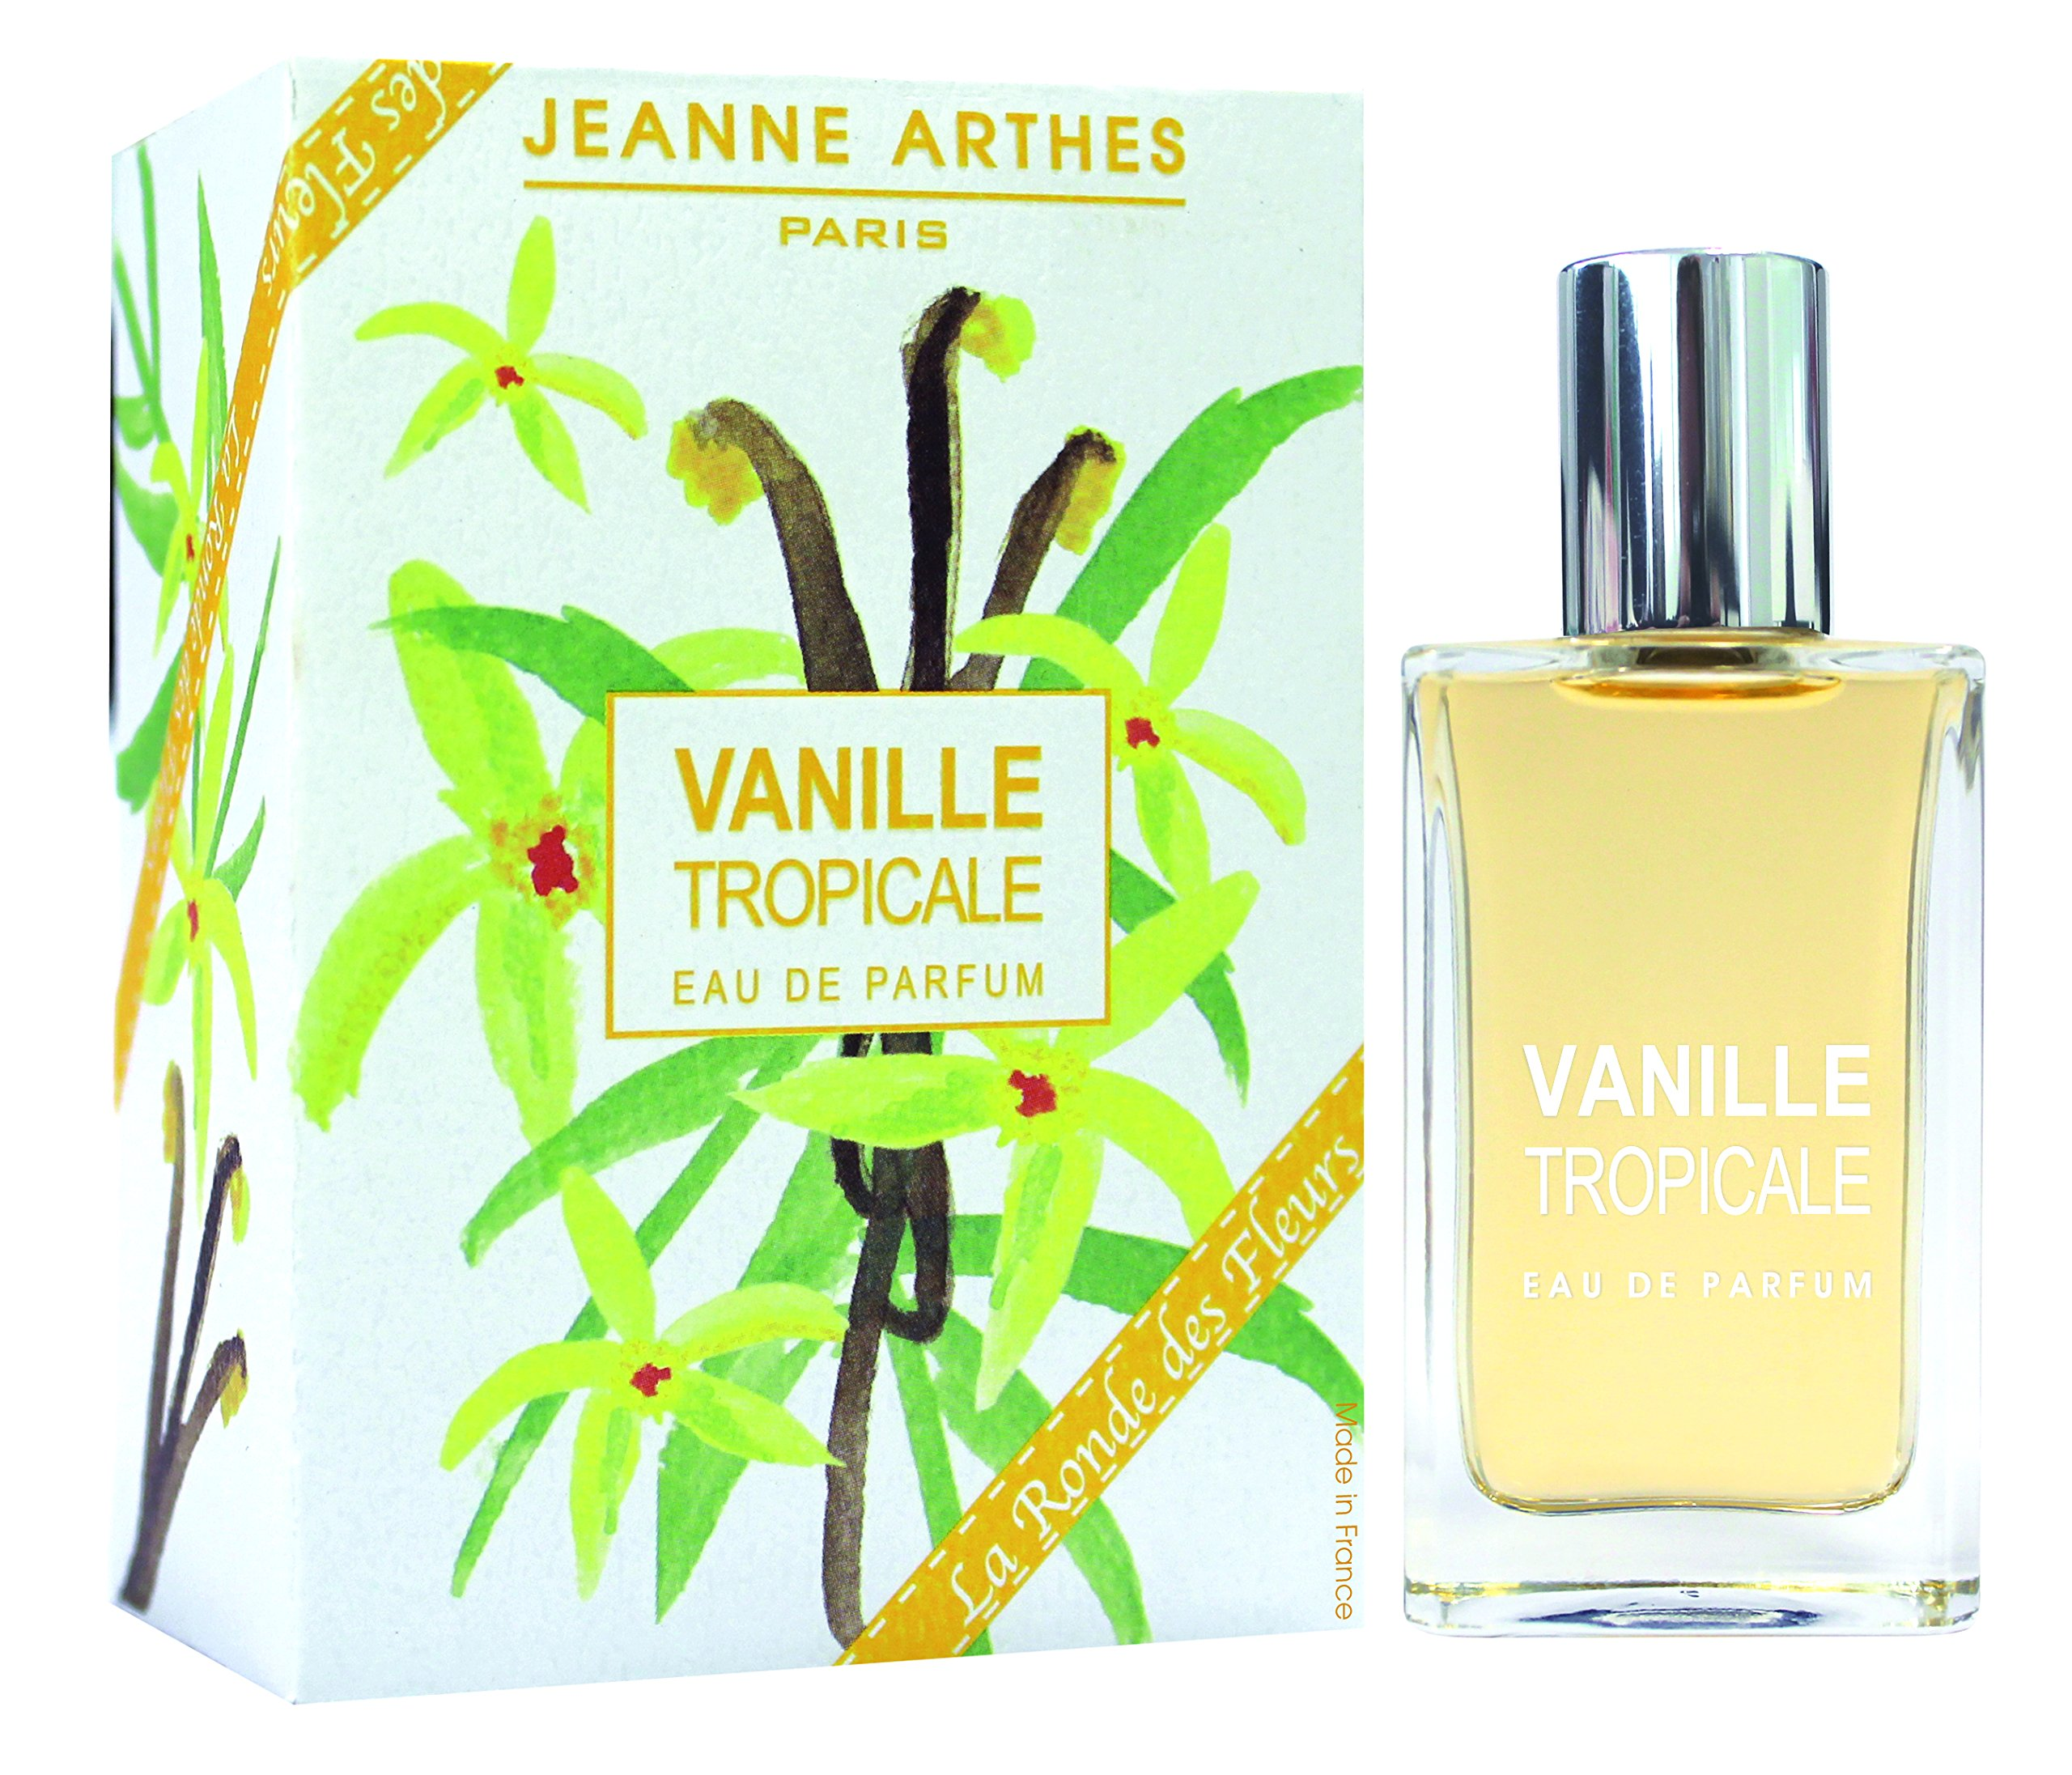 Jeanne Arthes - Eau de Parfum - La Ronde des Fleurs - tropical vanilla - 30ml